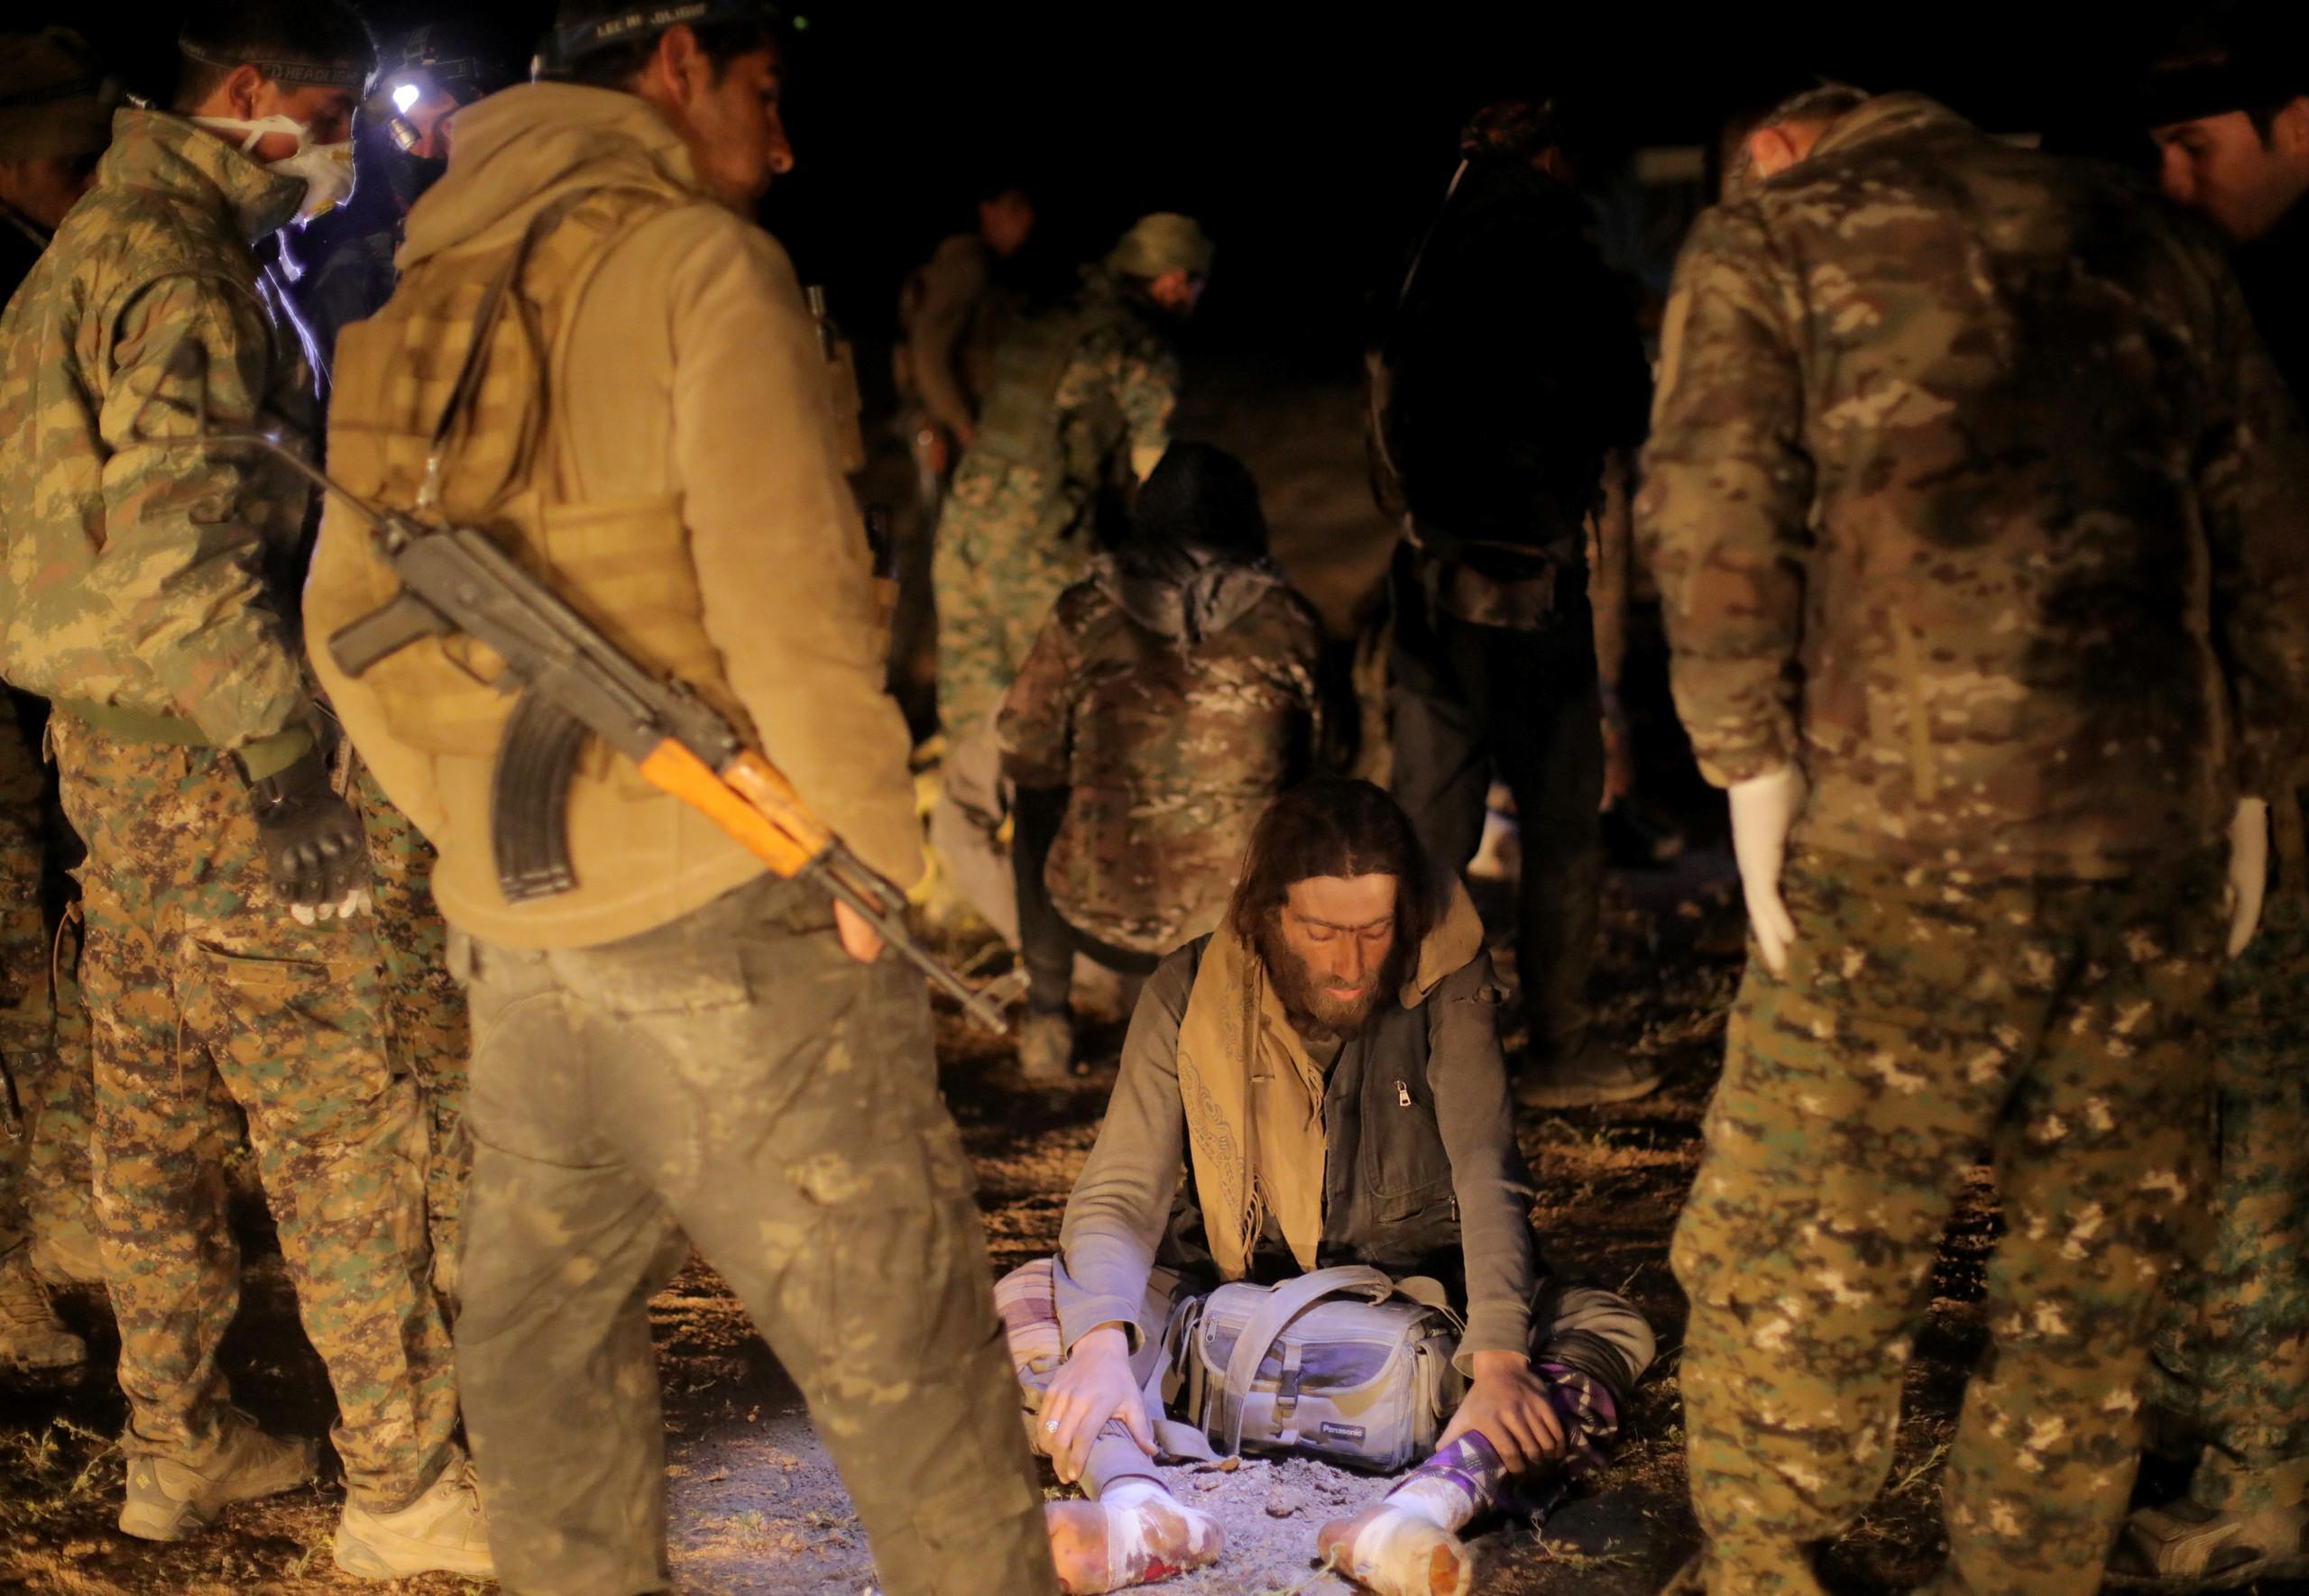 """مشاهد صادمة لعناصر """"تنظيم الدولة"""" أثناء اختبائهم في أنفاق الباغوز.. ماذا يفعلون؟ (فيديو)"""